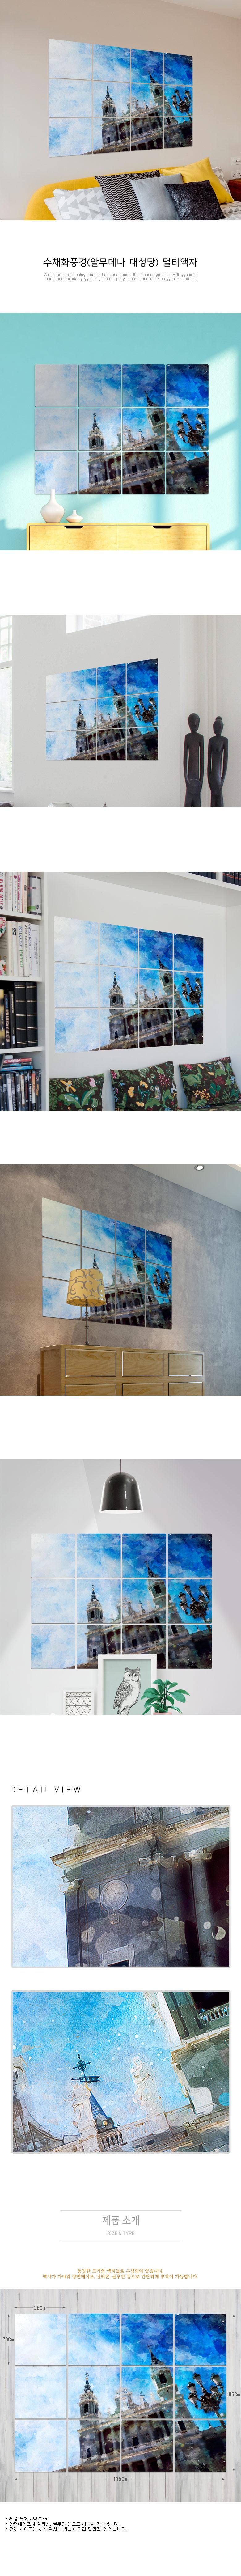 멀티액자_수채화풍경(알무데나대성당) - 꾸밈, 74,000원, 홈갤러리, 사진아트